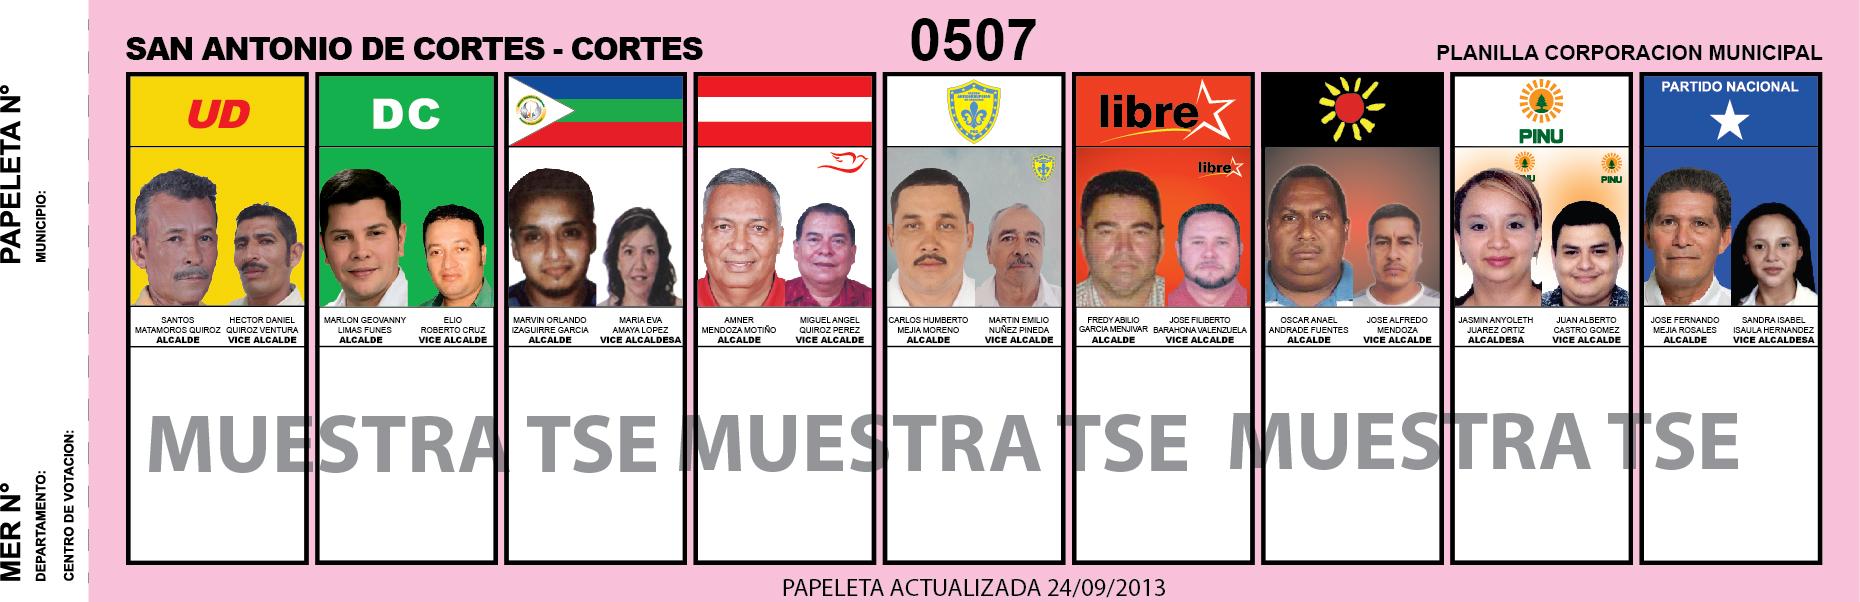 CANDIDATOS 2013 MUNICIPIO SAN ANTONIO DE CORTES - CORTES - HONDURAS